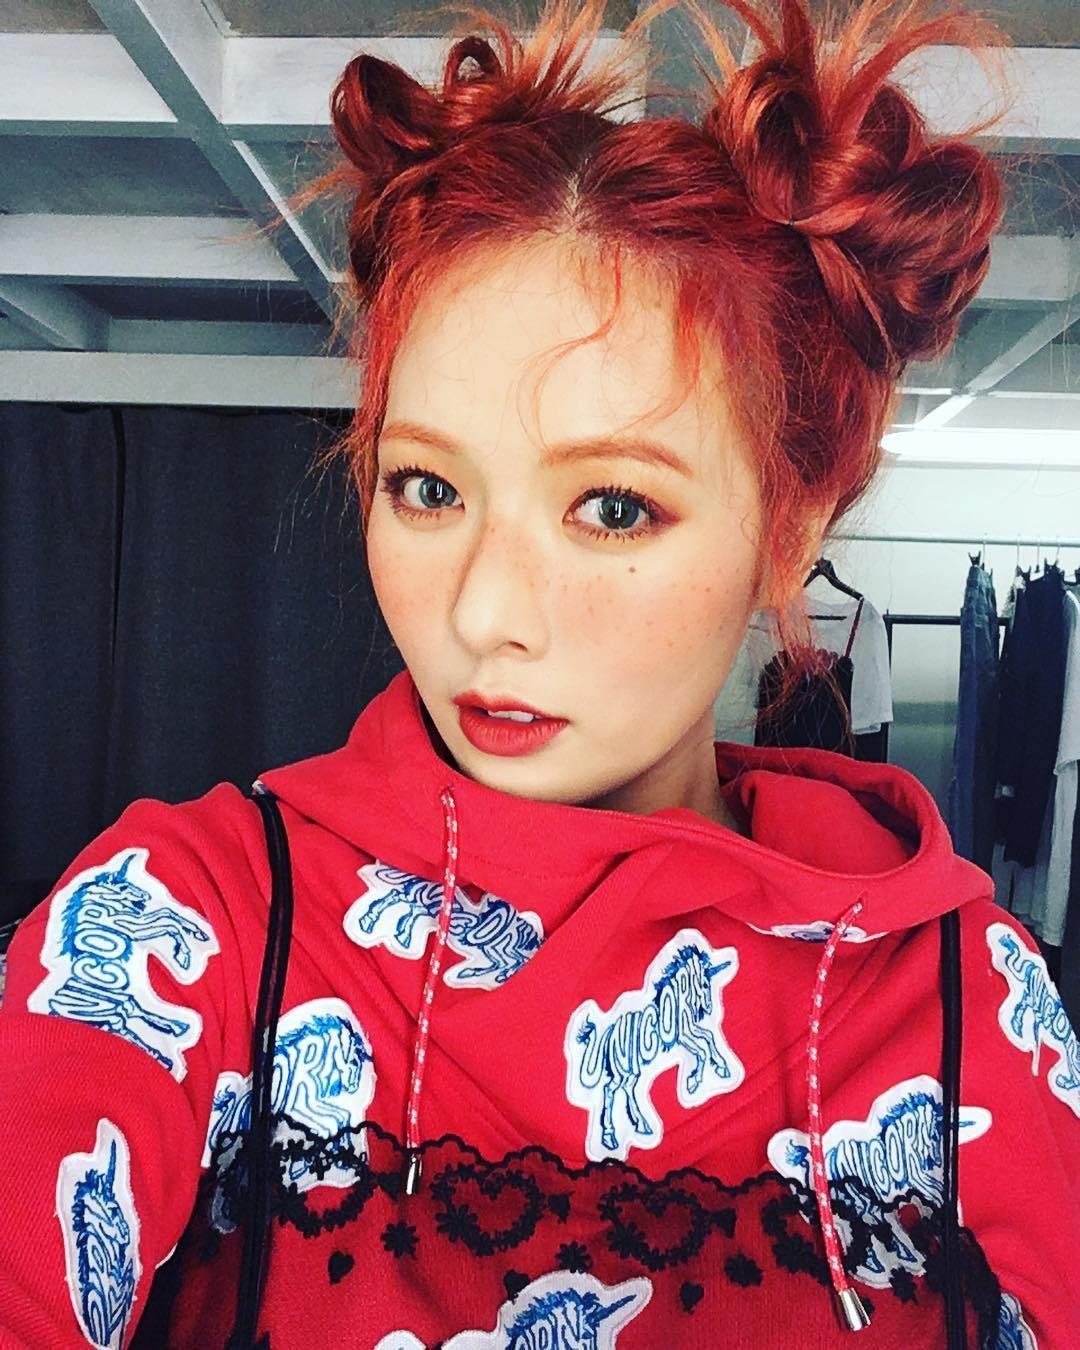 Cắt duyên với Hyuna, Cube sẽ tìm đâu một cá tính ăn mặc thú vị thế nữa? - Ảnh 7.